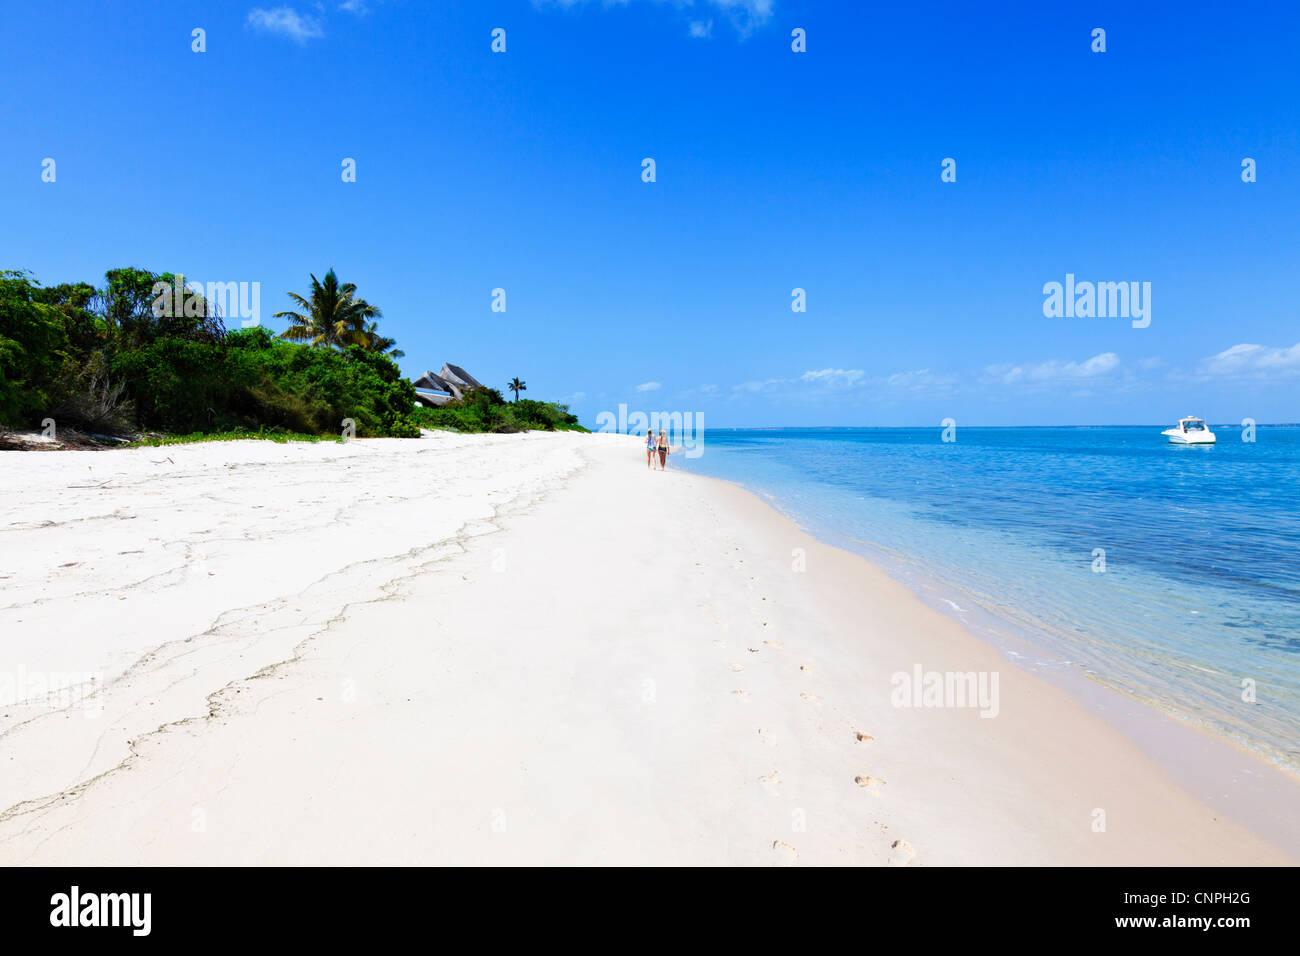 Las mujeres caminando por la playa de la isla de Mozambique en el archipiélago. Imagen De Stock